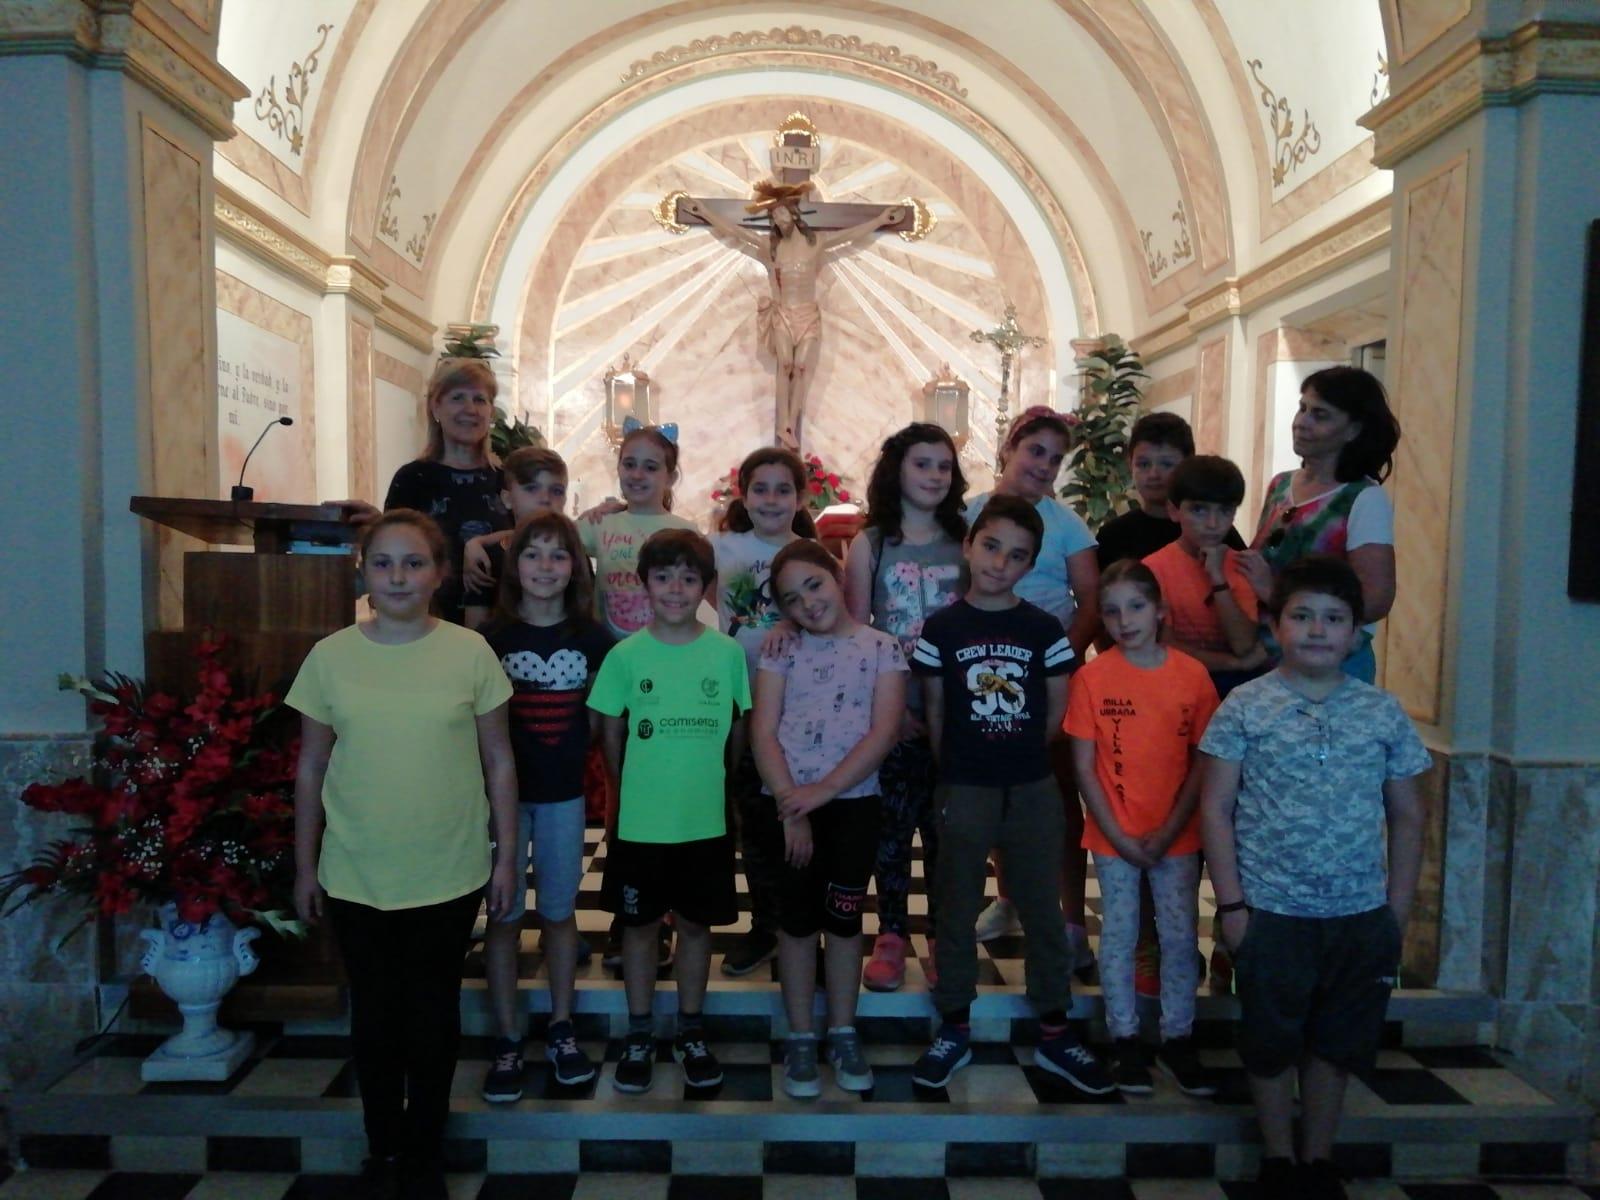 (2019-05-29) Visita alumnos Laura - 3 B primaria - Reina Sofia - Isabel B (11)